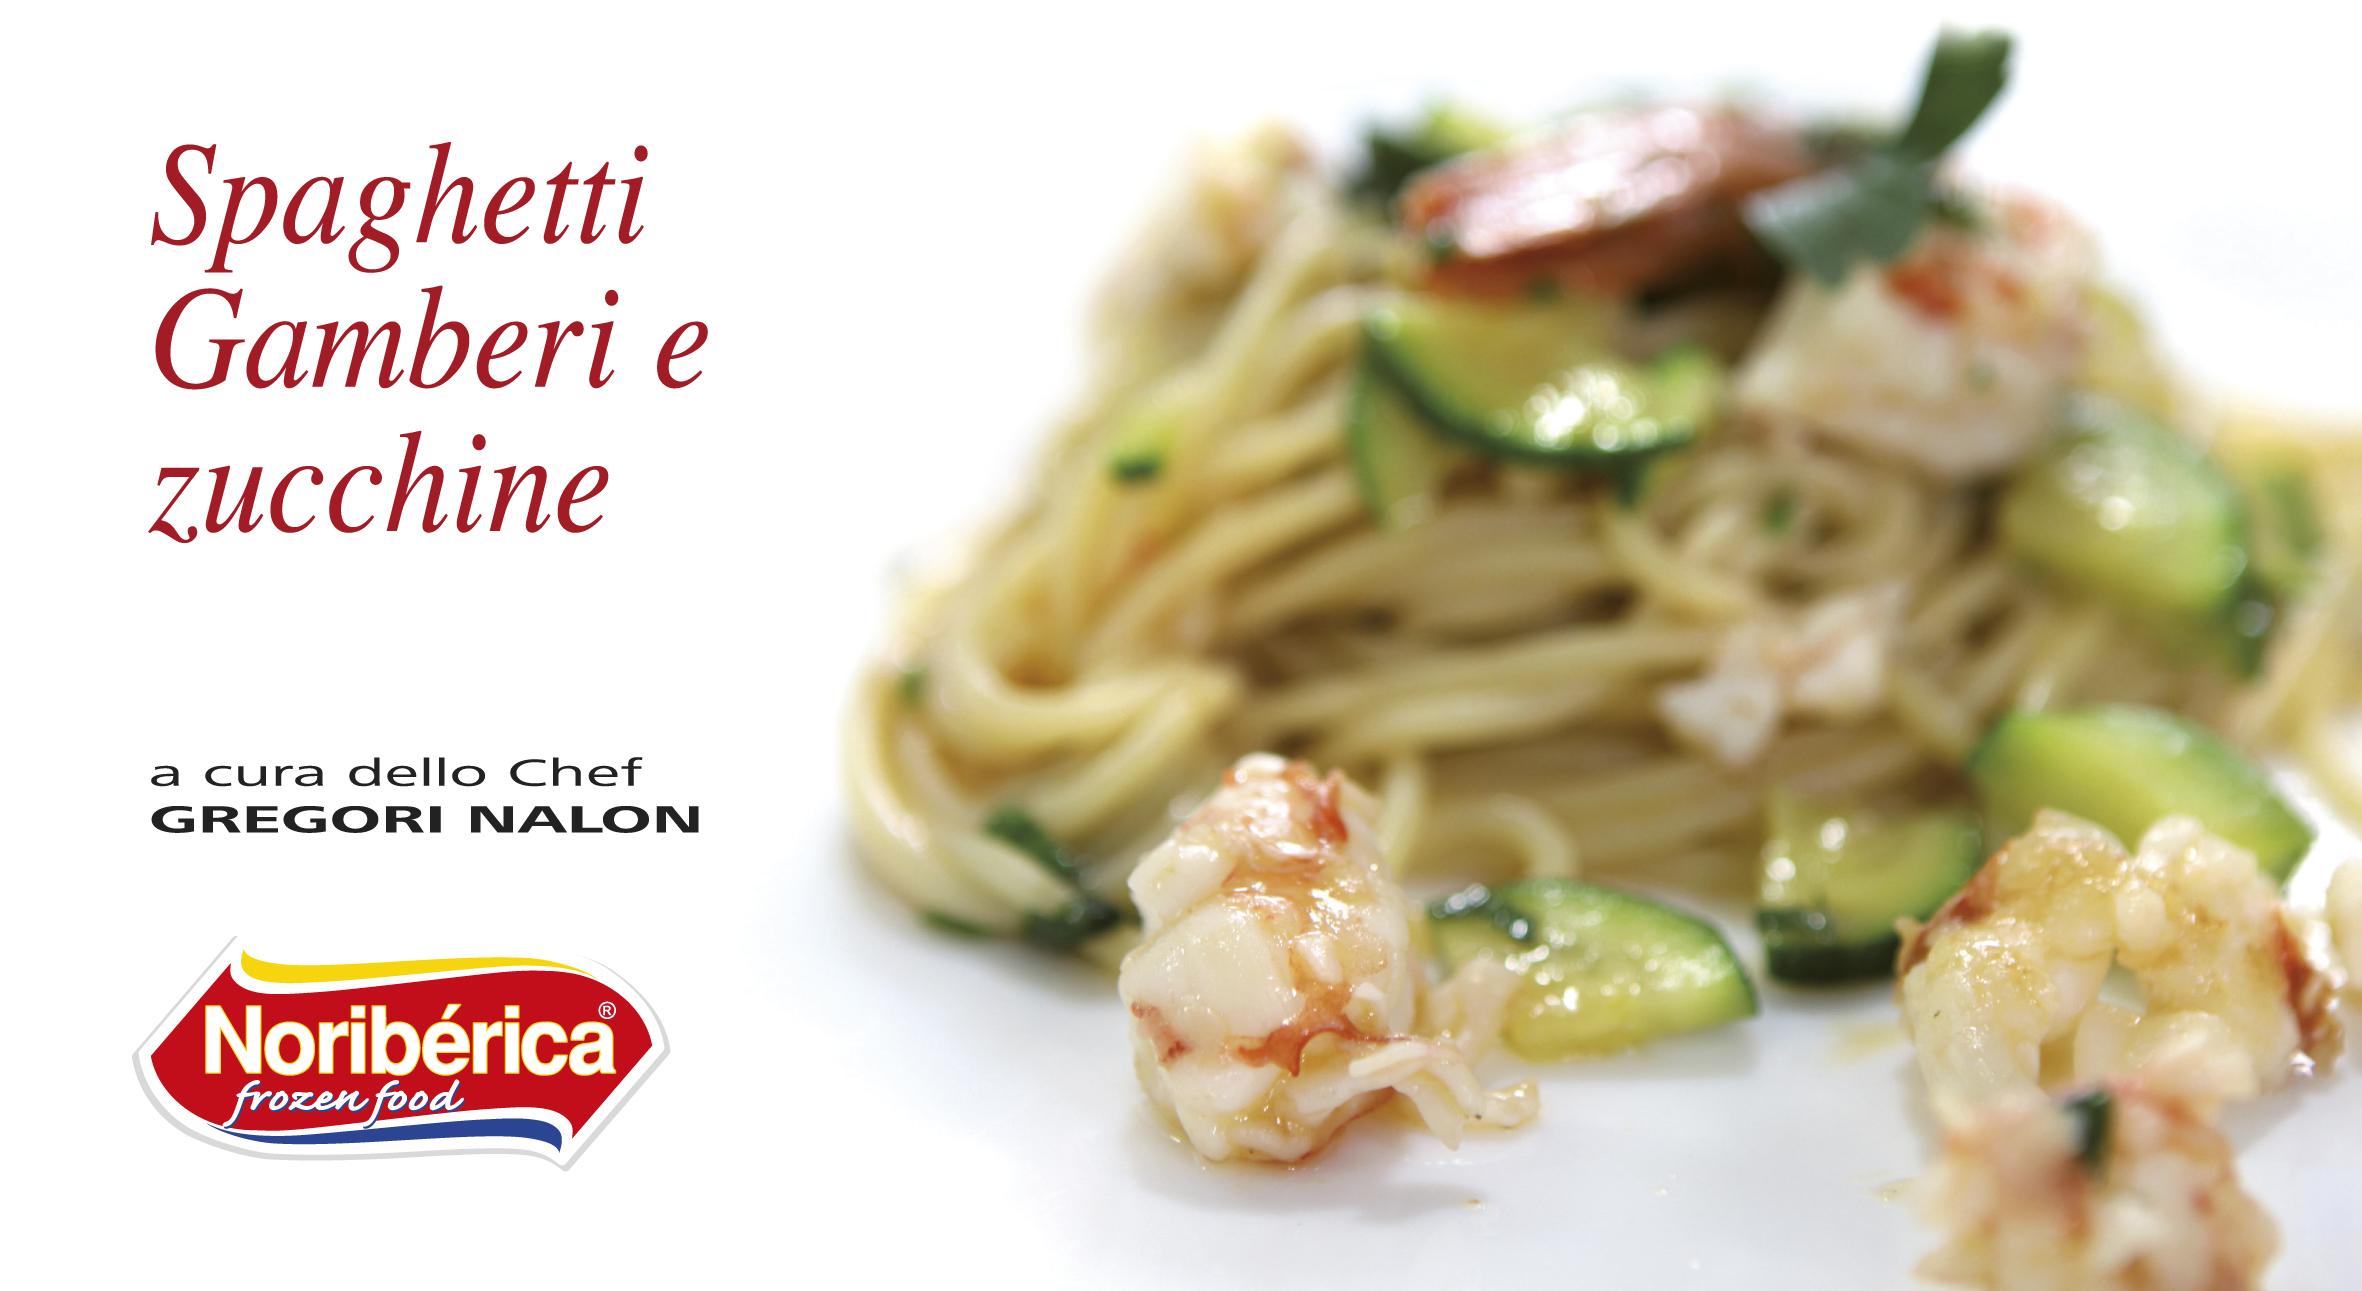 spaghetti gamberi e zucchine